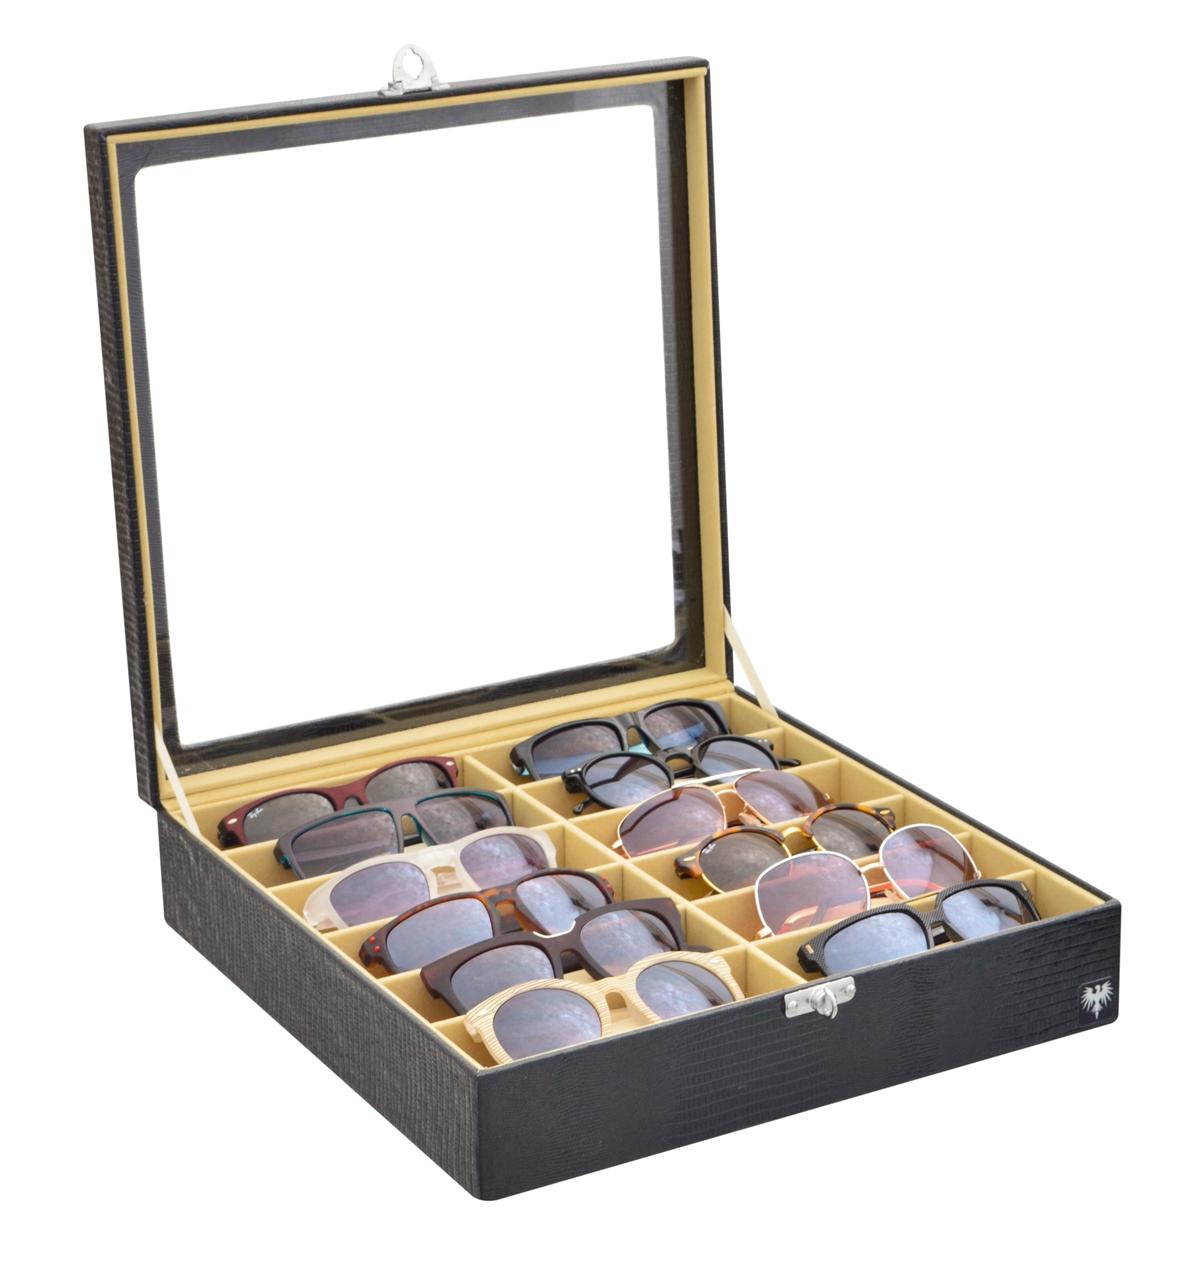 estojo-couro-ecologico-12-oculos-preto-bege-porta-caixa-imagem-2.jpg